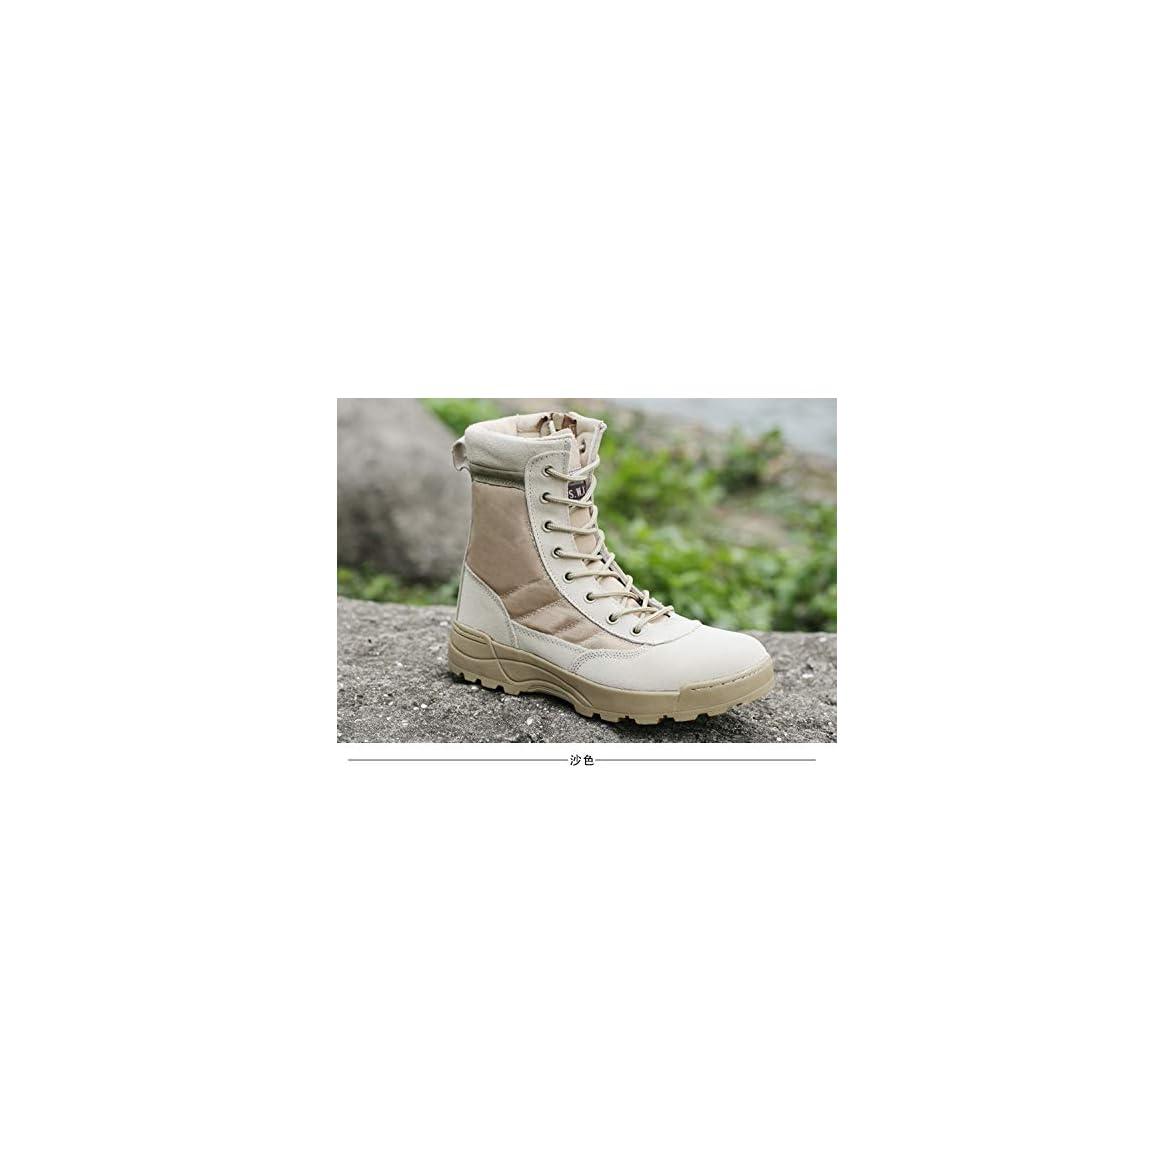 Combattere Boots Scarpa A Aiutare Trekking Desert Per Gli Scarpe Alti Da Hcbyj Tattici Stivali